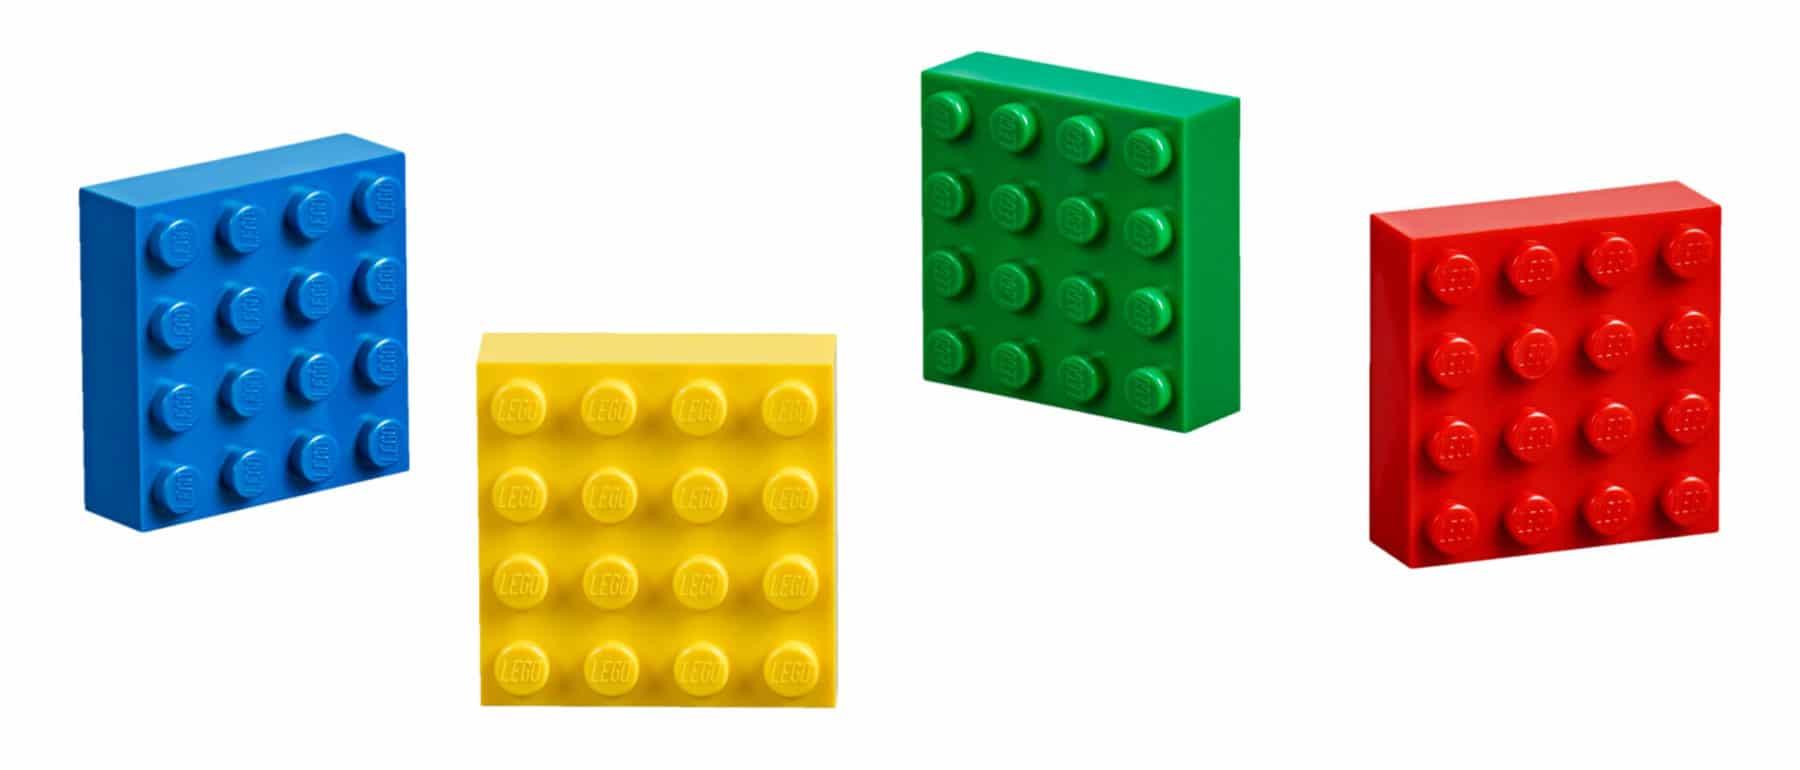 LEGO 853915 4x4 Magente